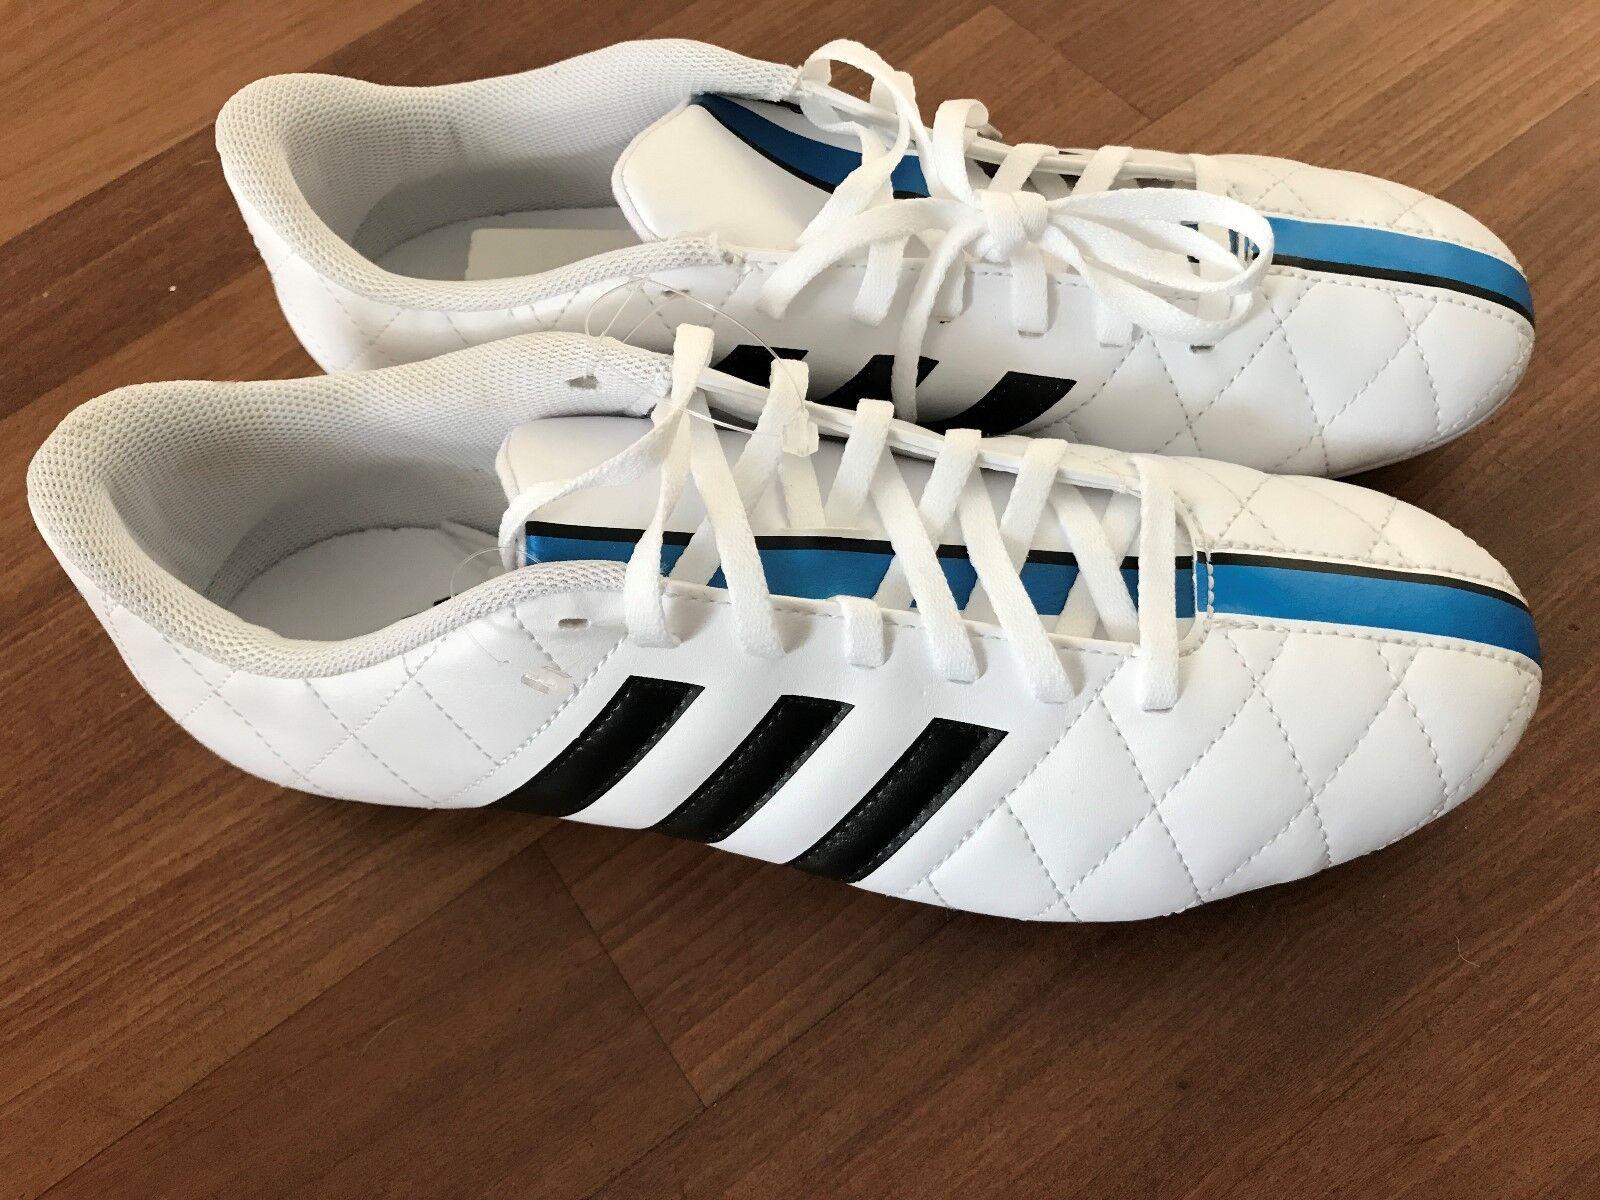 shoes DA CALCIO ADIDAS 11QUESTRA TRX FG - B44368 - NUOVE - NR 43 1 3 - OFFERTA